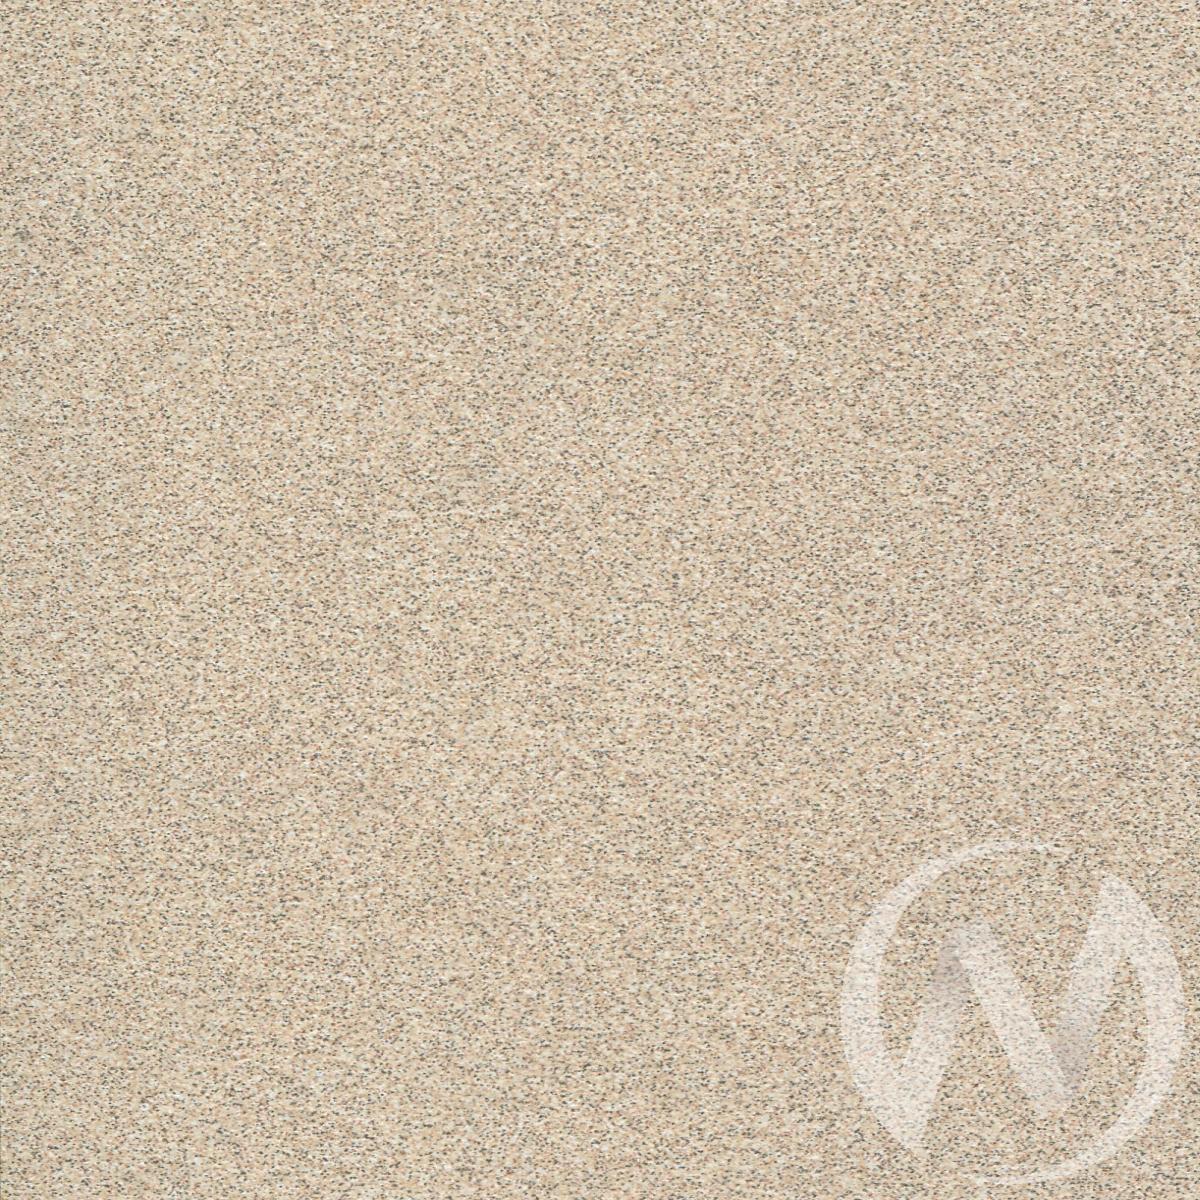 Мебельный щит 3000*600/6мм № 7 песок  в Новосибирске - интернет магазин Мебельный Проспект